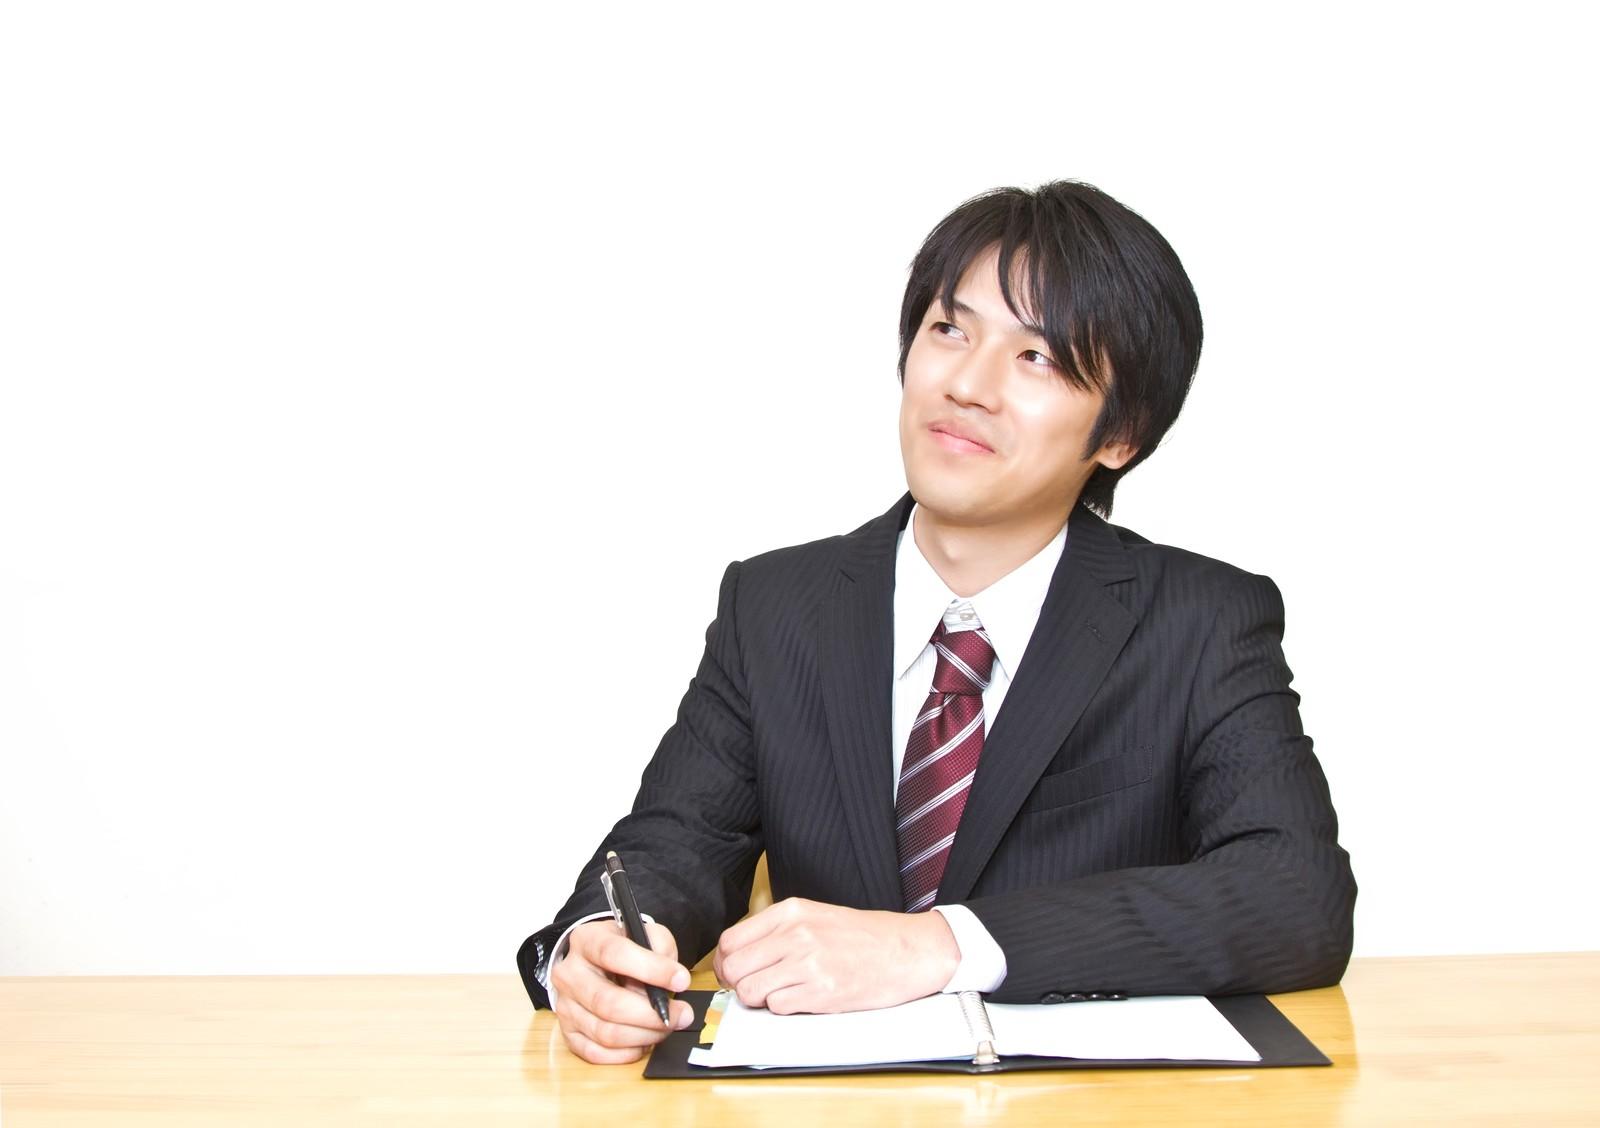 近年副業を始めるサラリーマンは増えています。